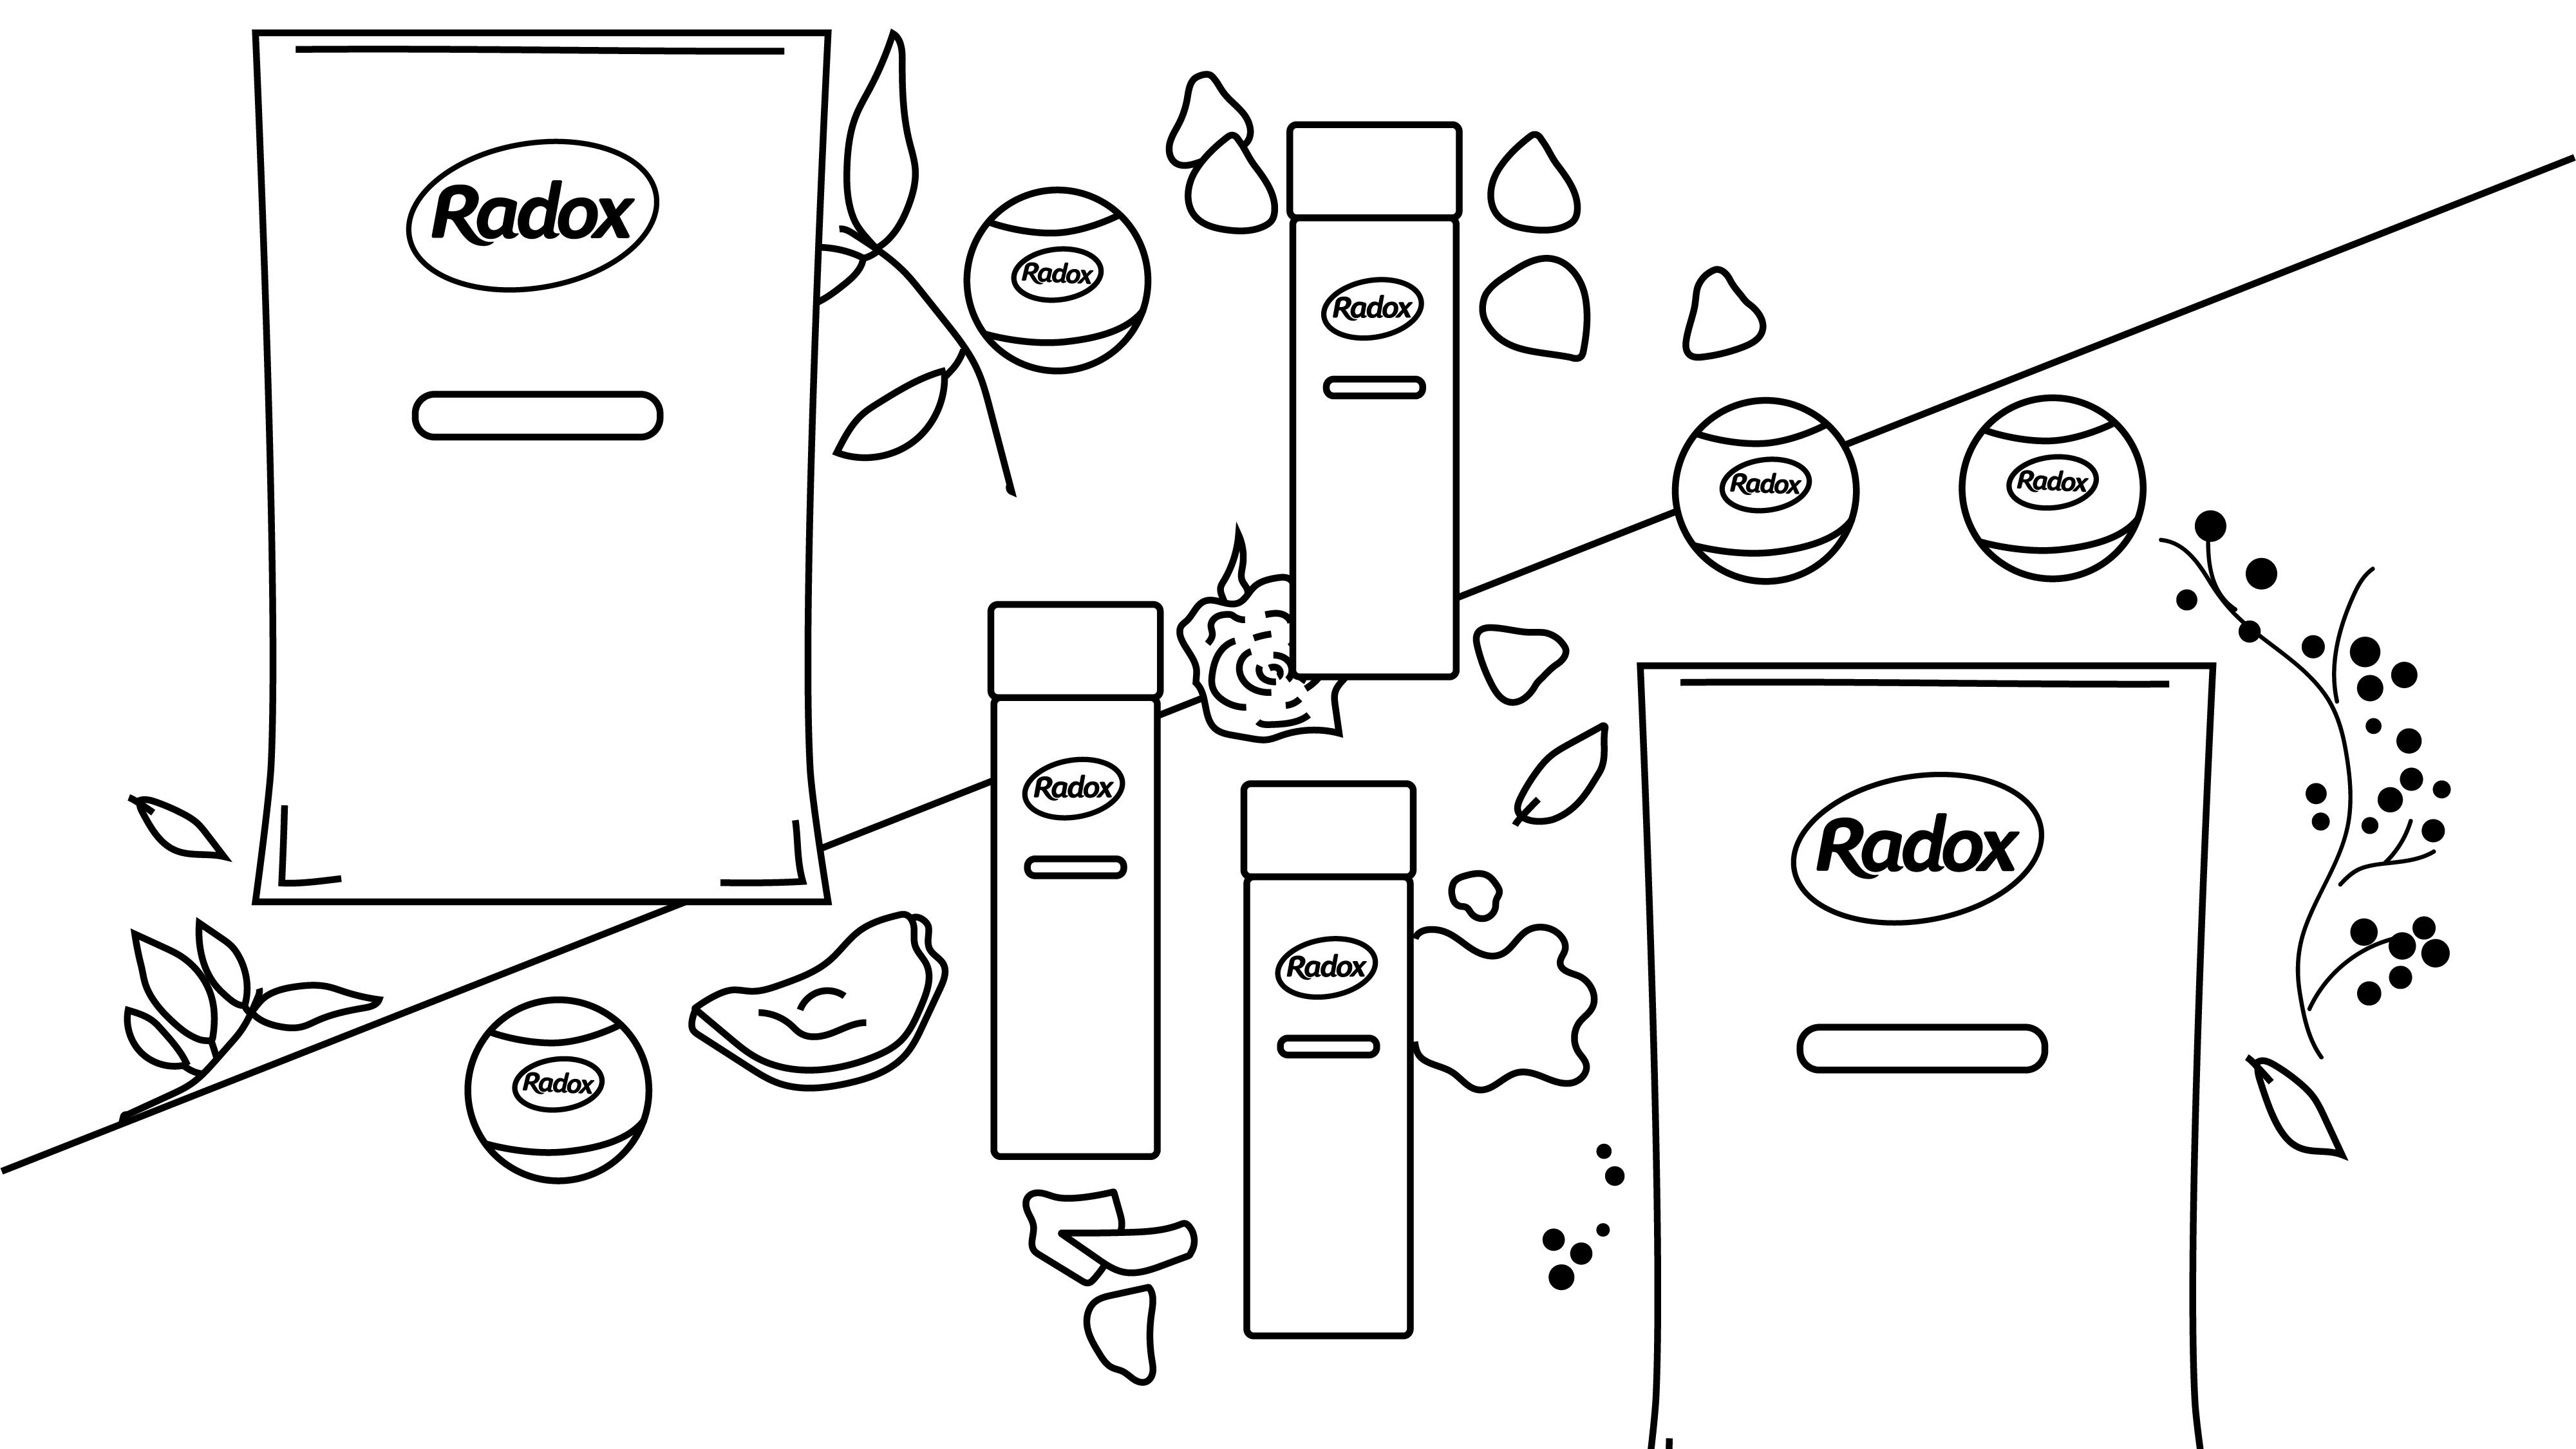 J418989_RadoxAssetBankProject_Scamp_v1-04